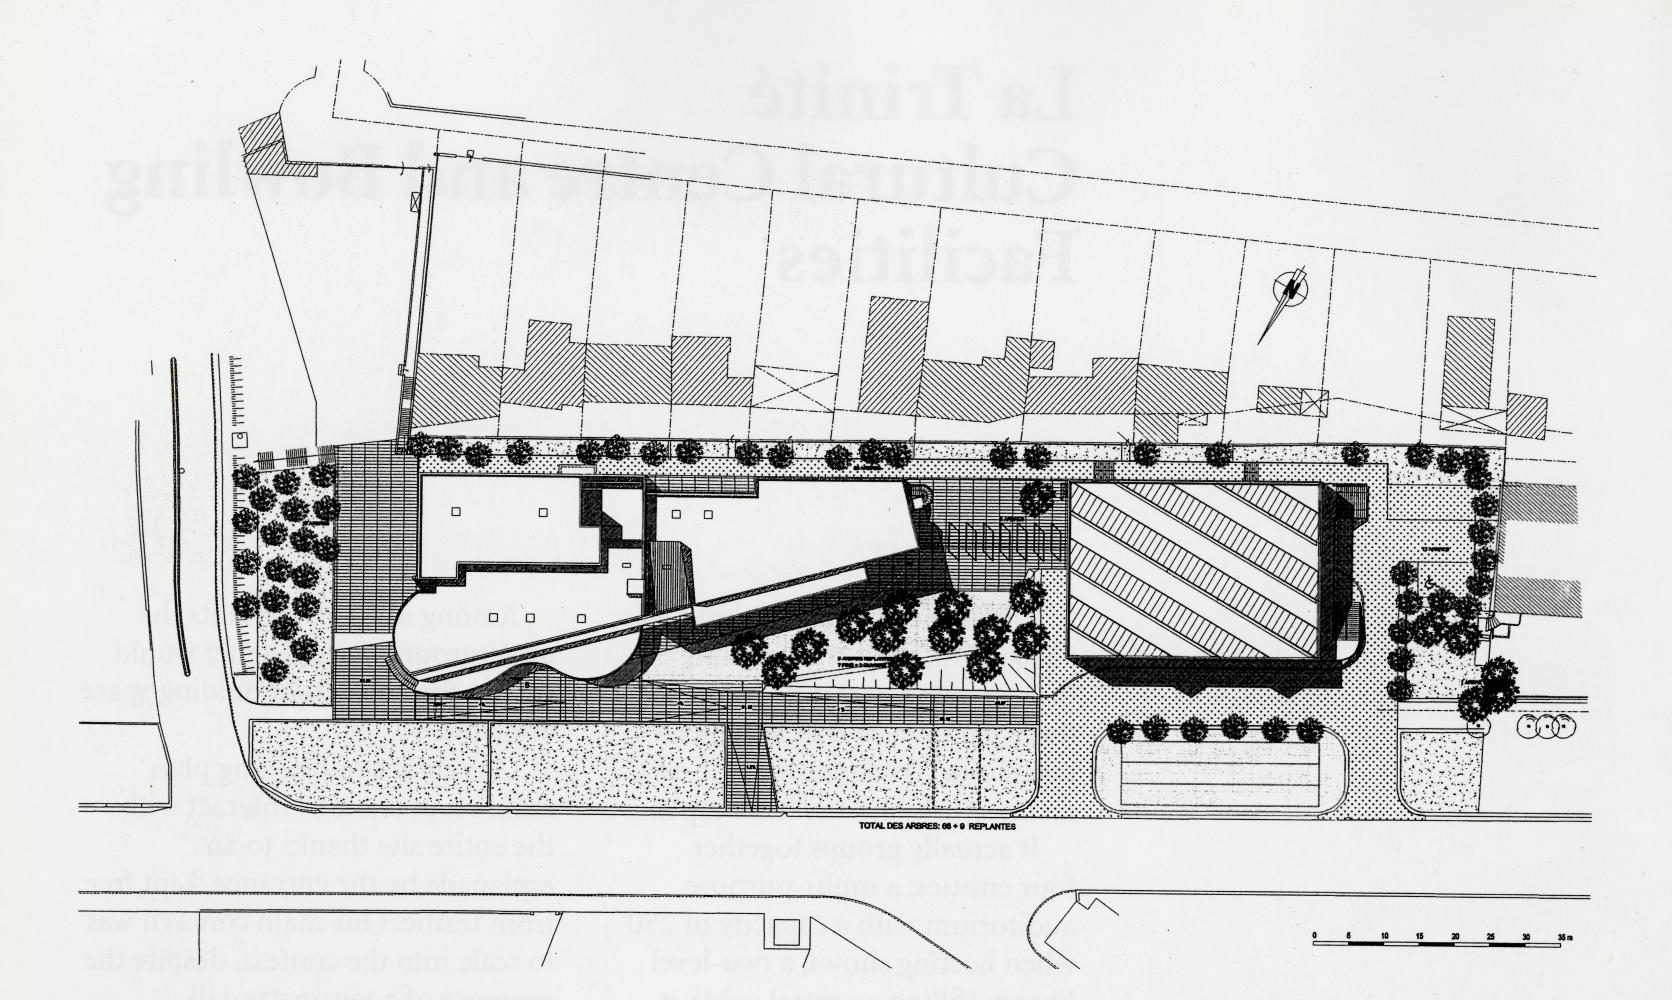 18-la-trinite-img-002 Pascale SEURIN Architecte - Pascale SEURIN Architecte